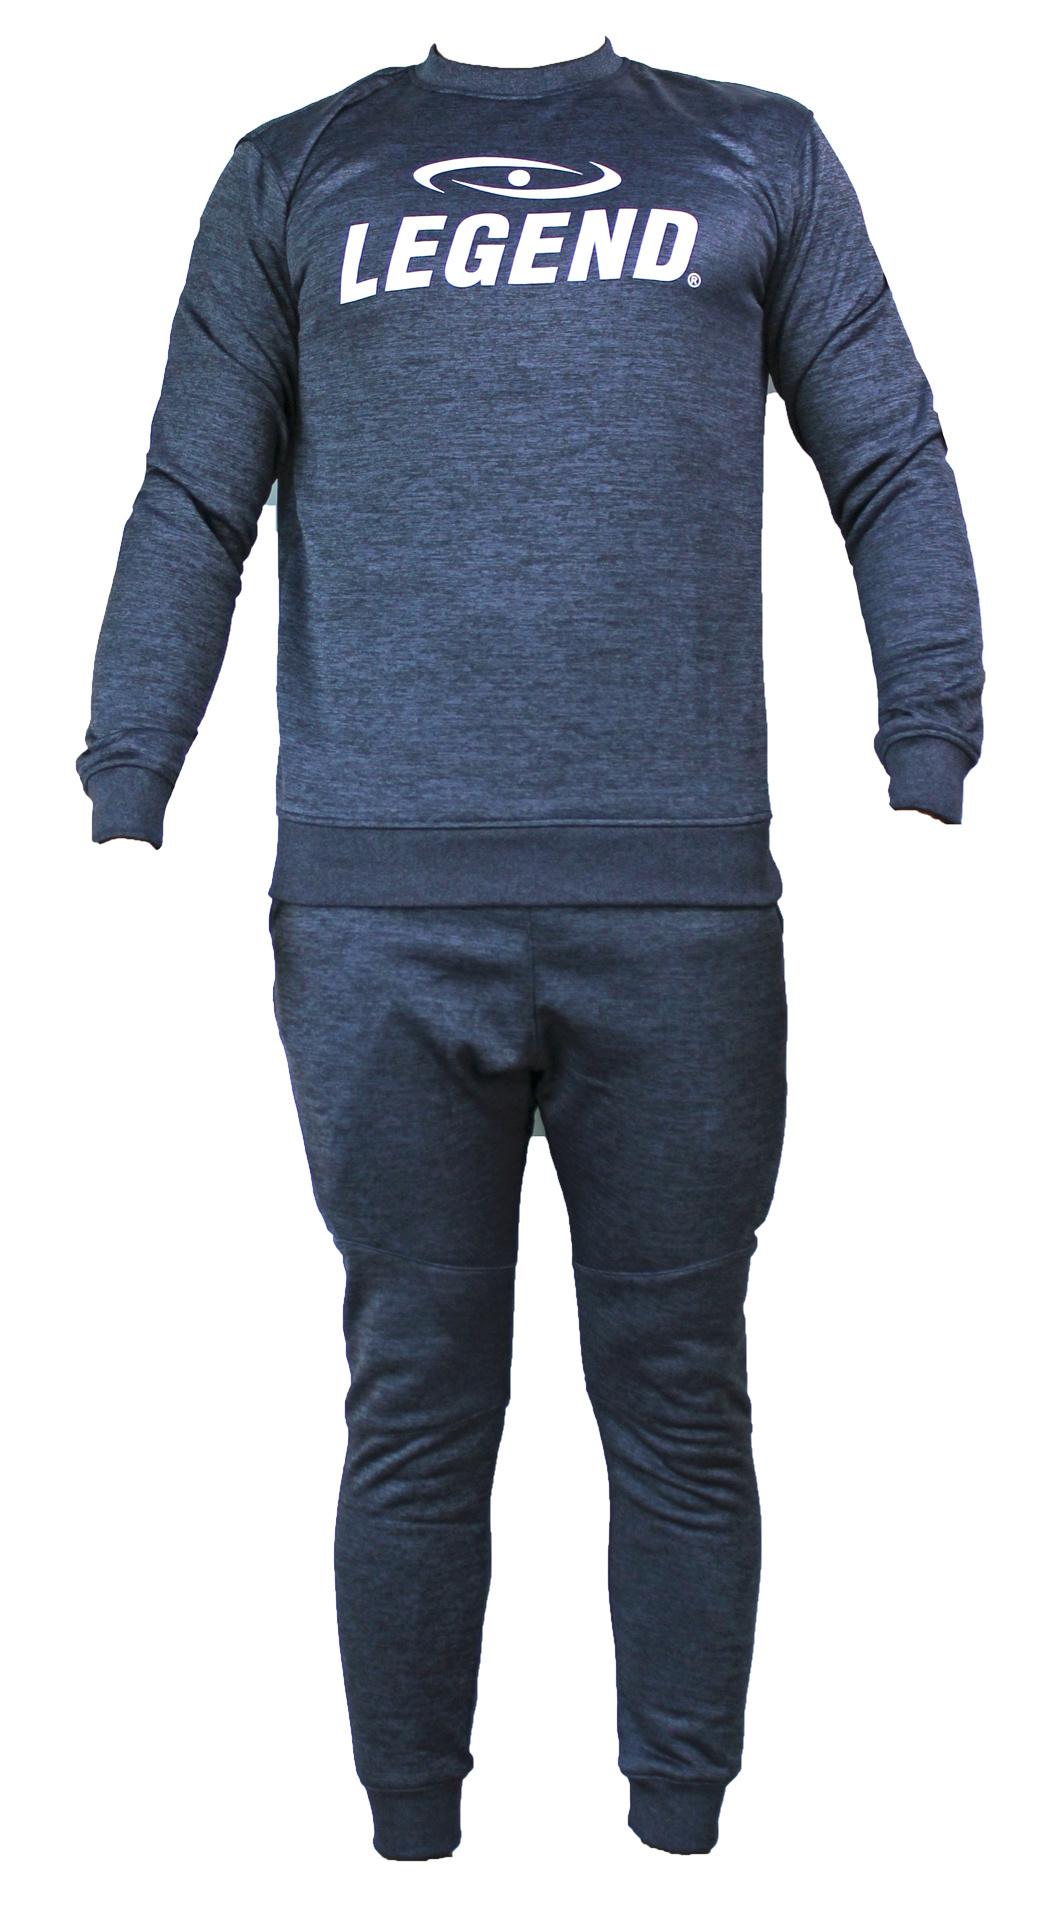 Joggingpak dames/heren met trui/sweater Navy Blauw